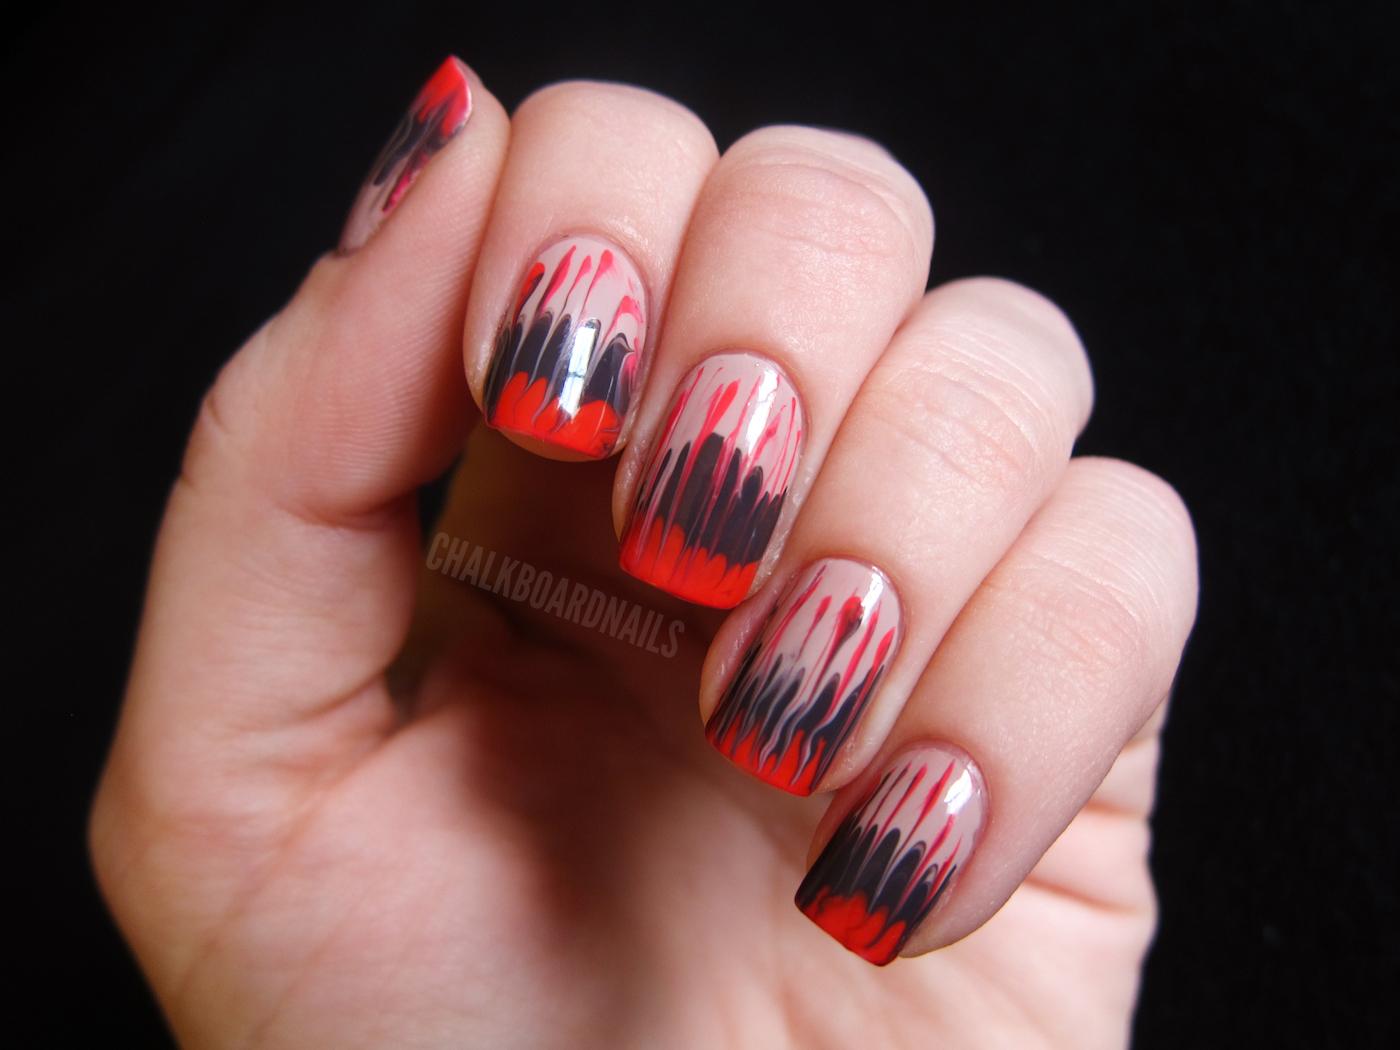 Как иголкой нарисовать на ногтях фото